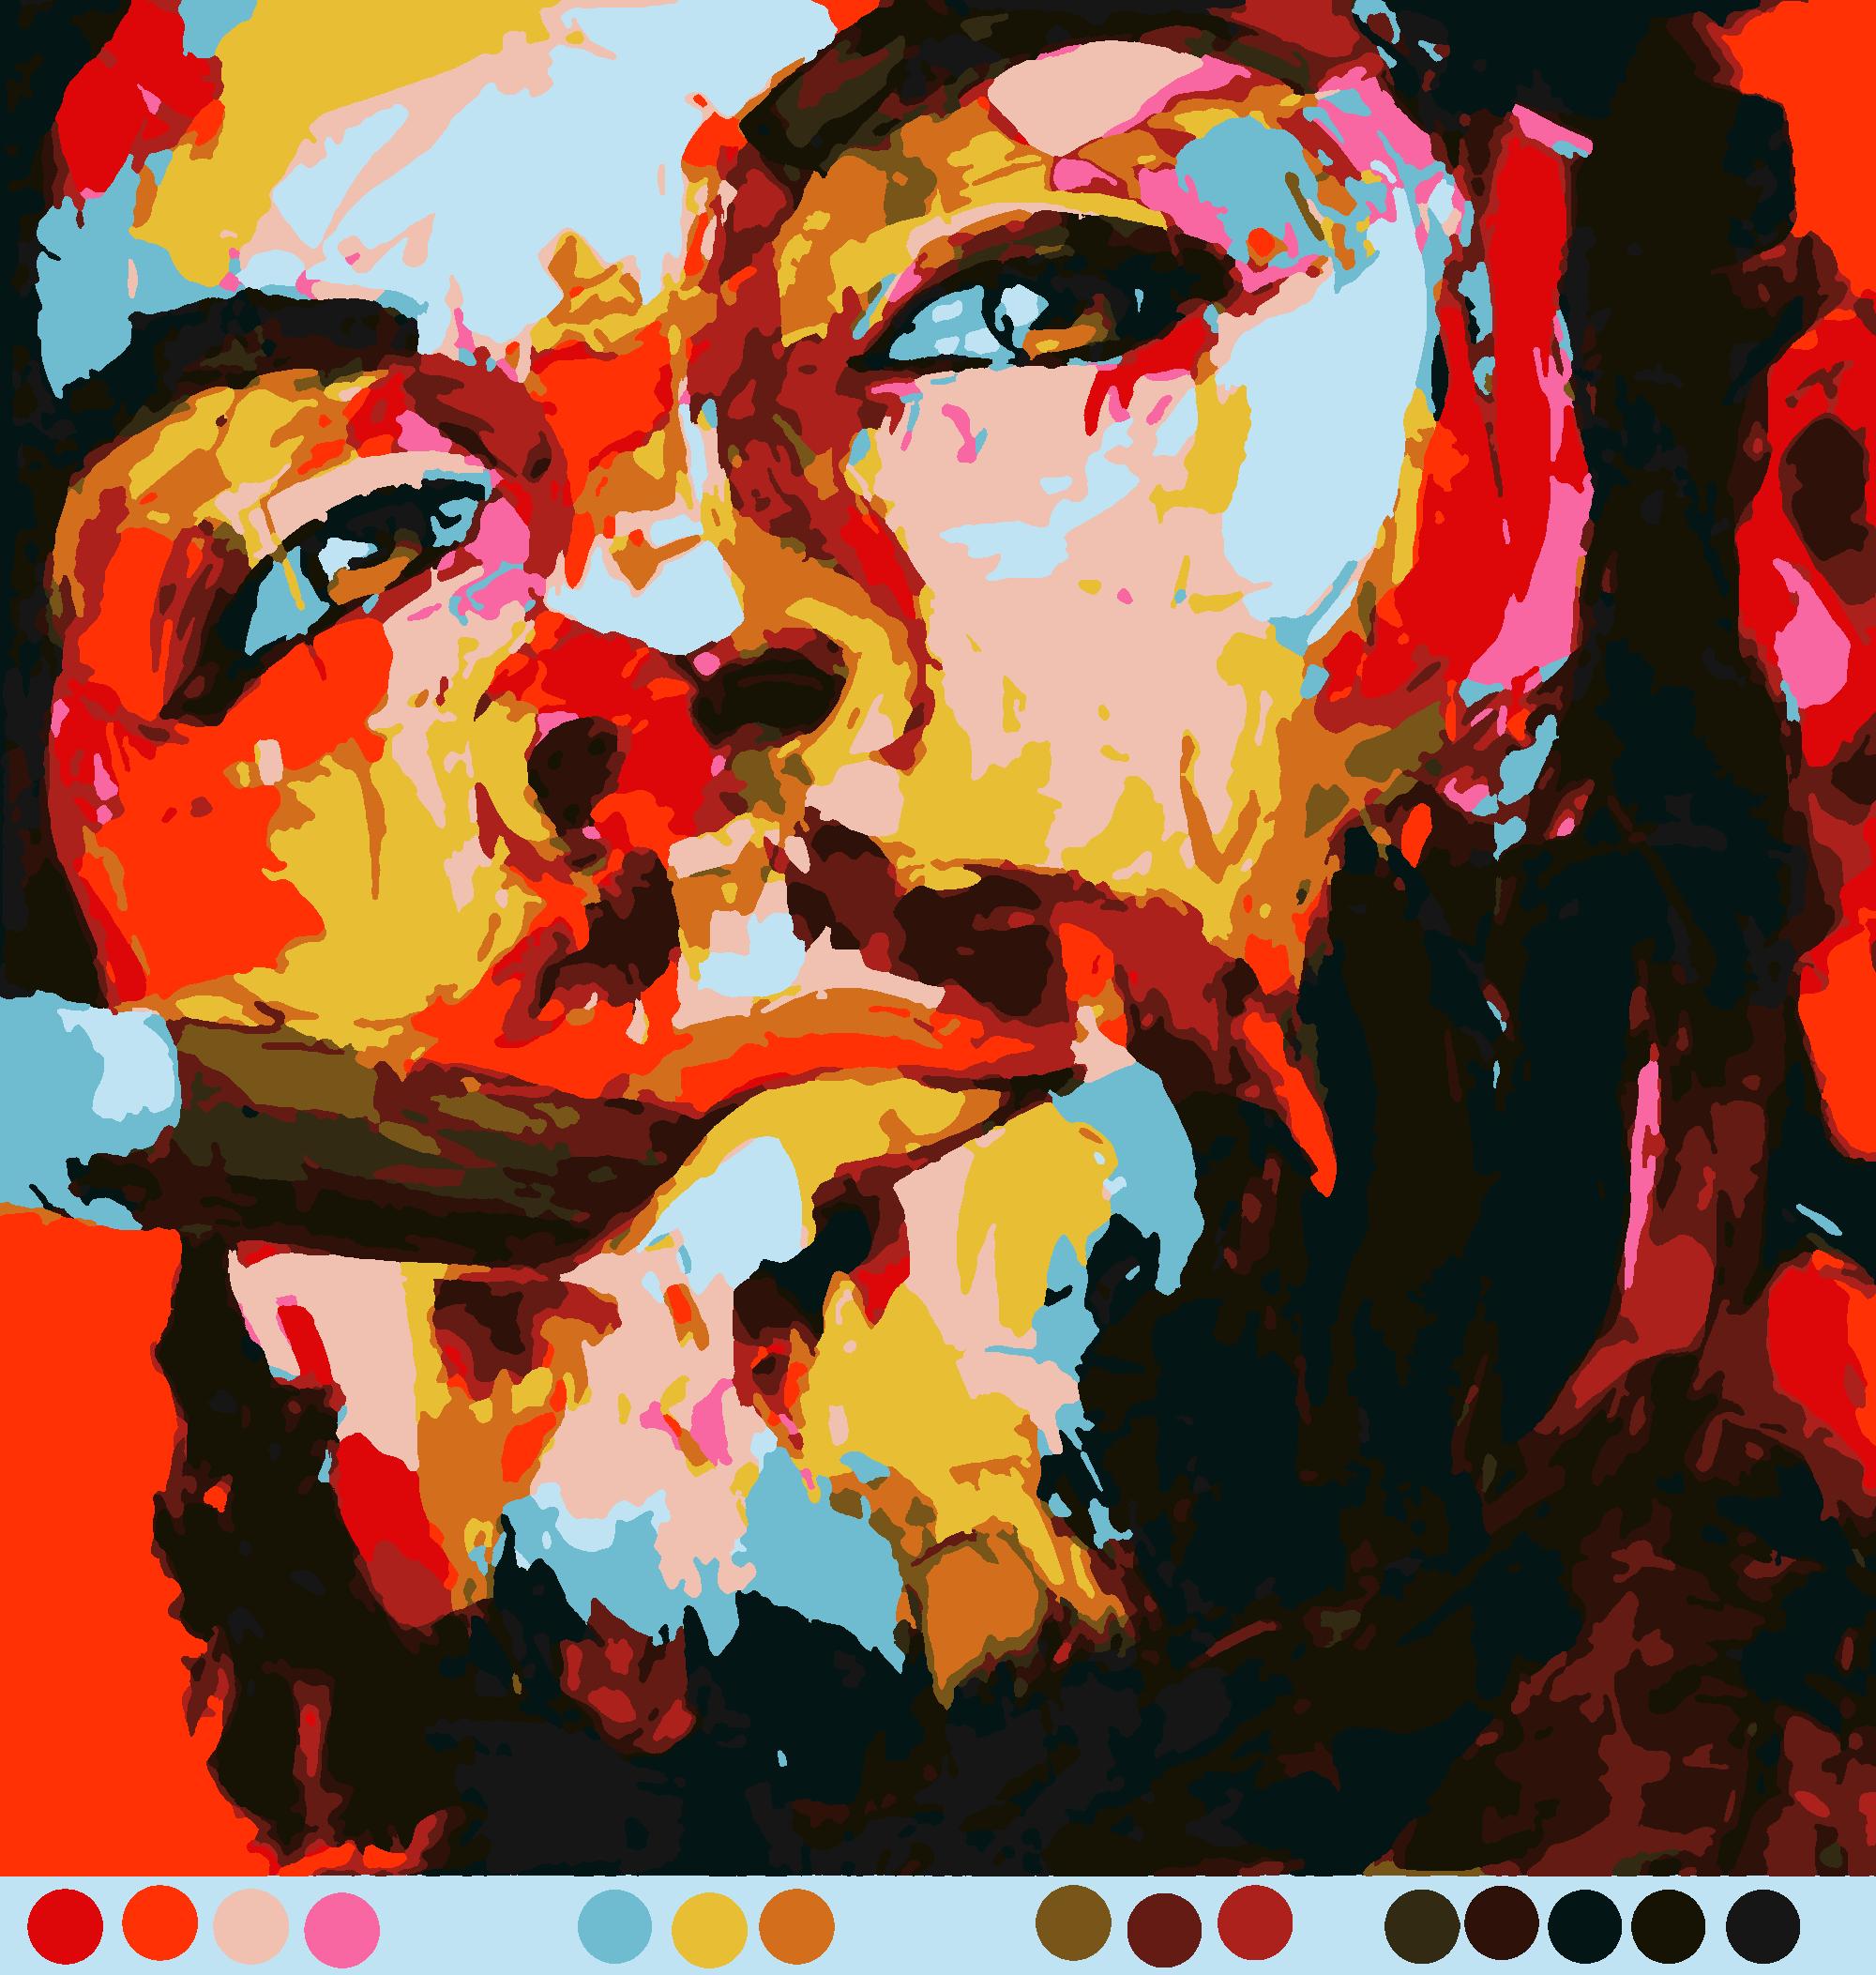 Схемы раскраски по номерам скачать бесплатно. Портрет (16цв.)